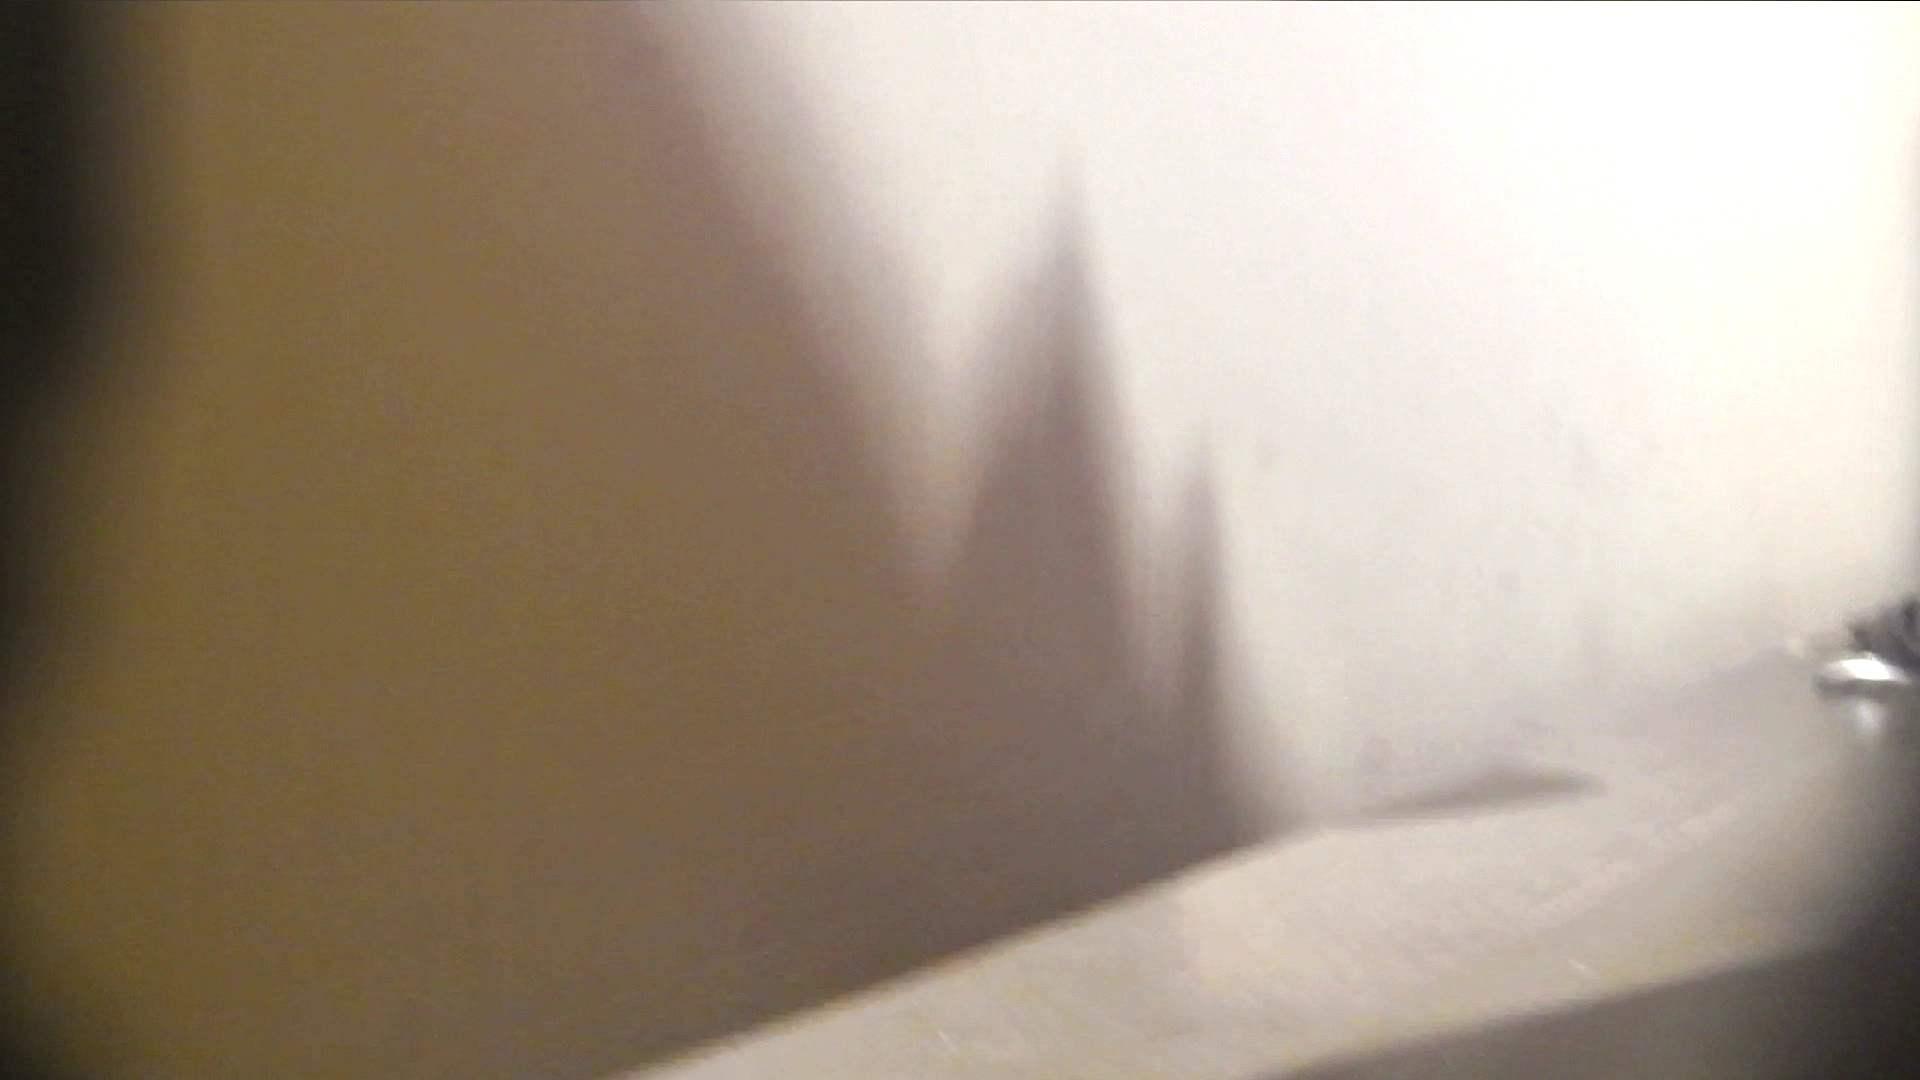 阿国ちゃんの「和式洋式七変化」No.6 丸見え おめこ無修正動画無料 70画像 2